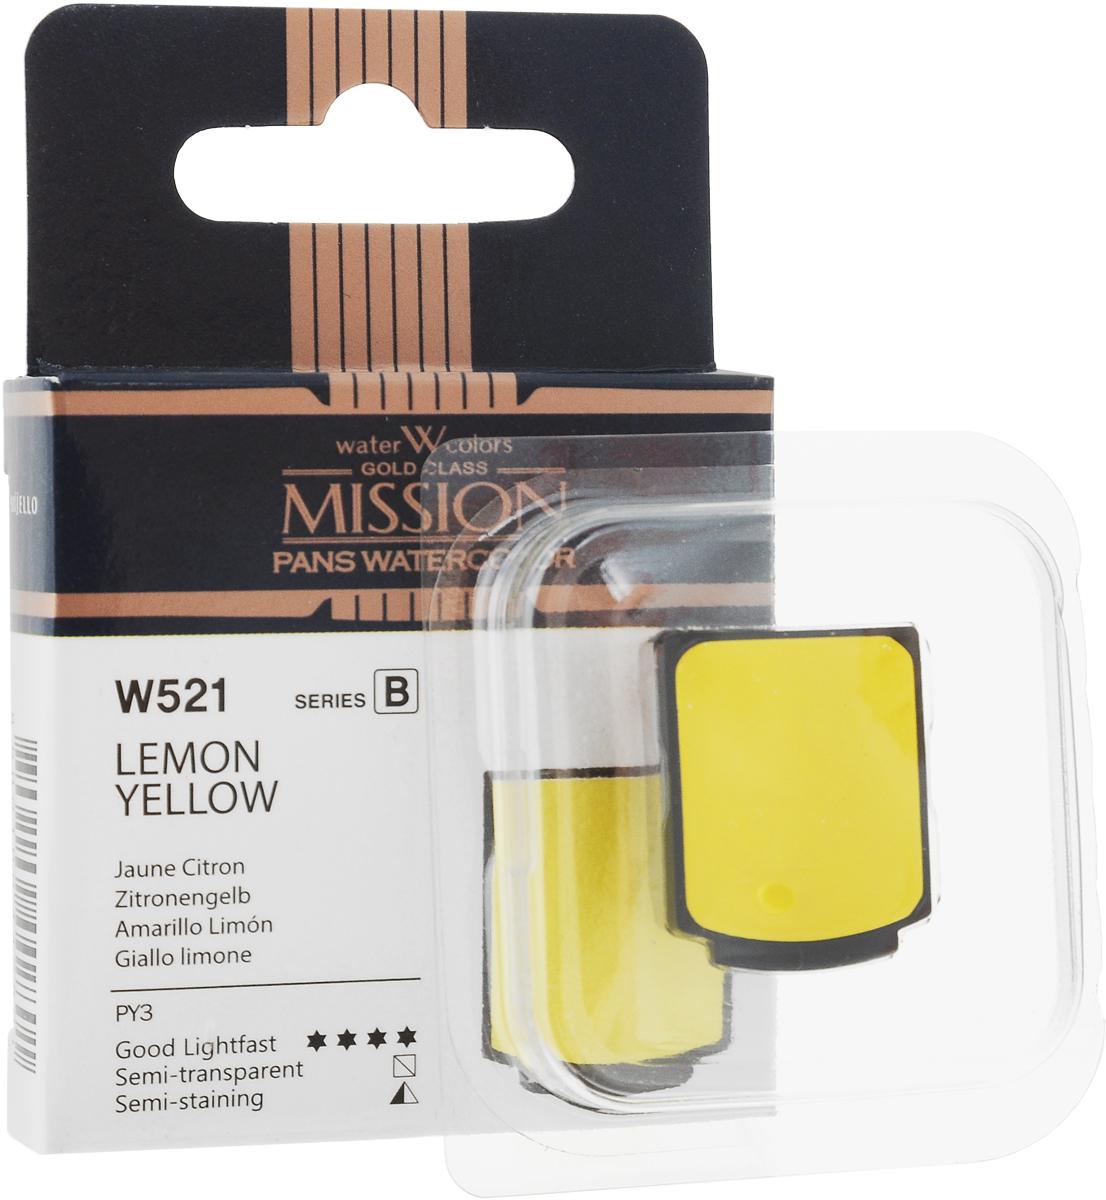 Фото - Mijello Акварель Mission Gold Pan W521 Желтый лимонный 2 мл MPW-W521 блок питания accord atx 1000w gold acc 1000w 80g 80 gold 24 8 4 4pin apfc 140mm fan 7xsata rtl